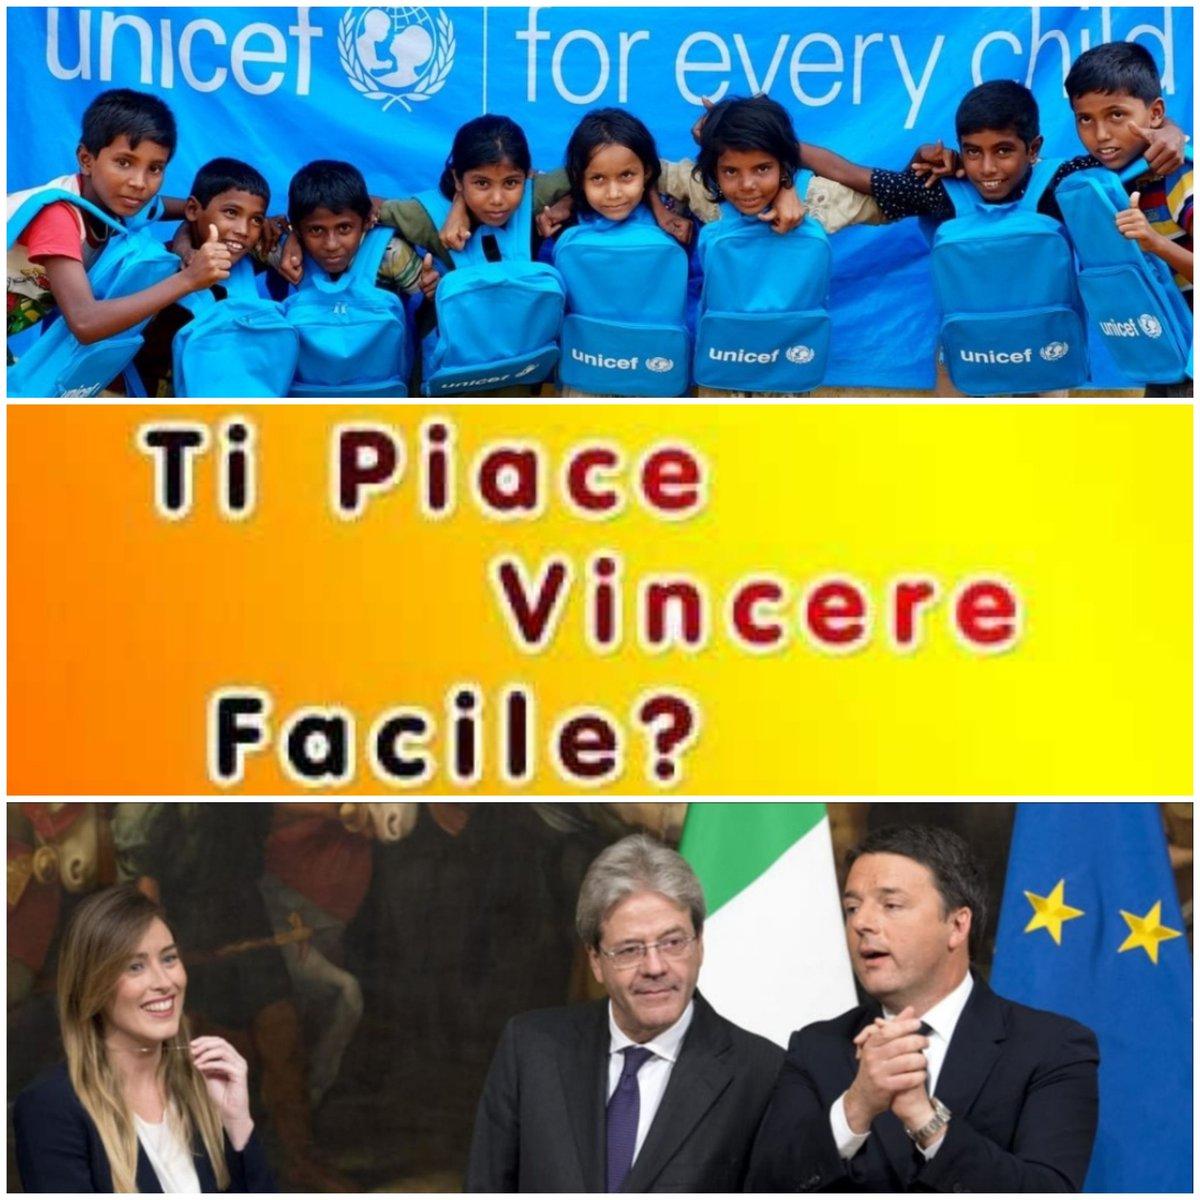 QUESTI NON FANNO SCONTI A NESSUNO...NEANCHE AI BAMBINI!#UNICEF #UnicefDENUNCIA #GovernoGentiloni #Orlando #Renzi #Boschi #Veltroni #Pd #pdnetwork #GovernoDelCambiamento  - Ukustom